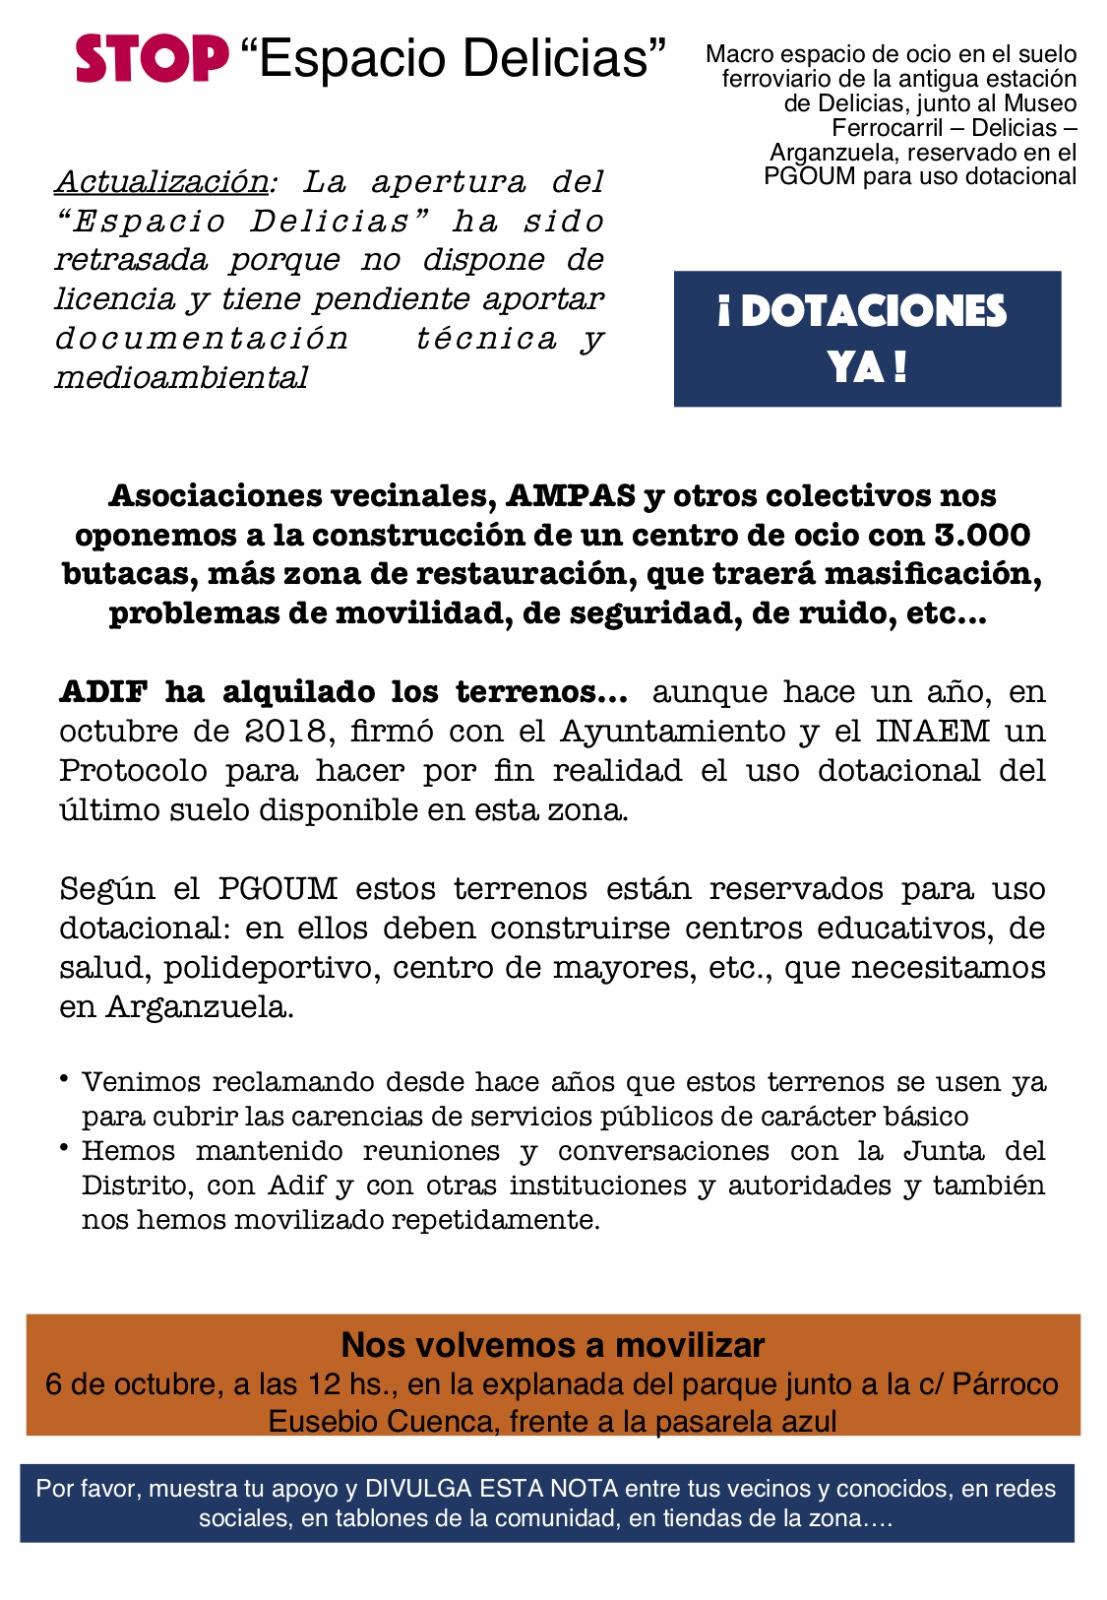 cartel delicias 2019